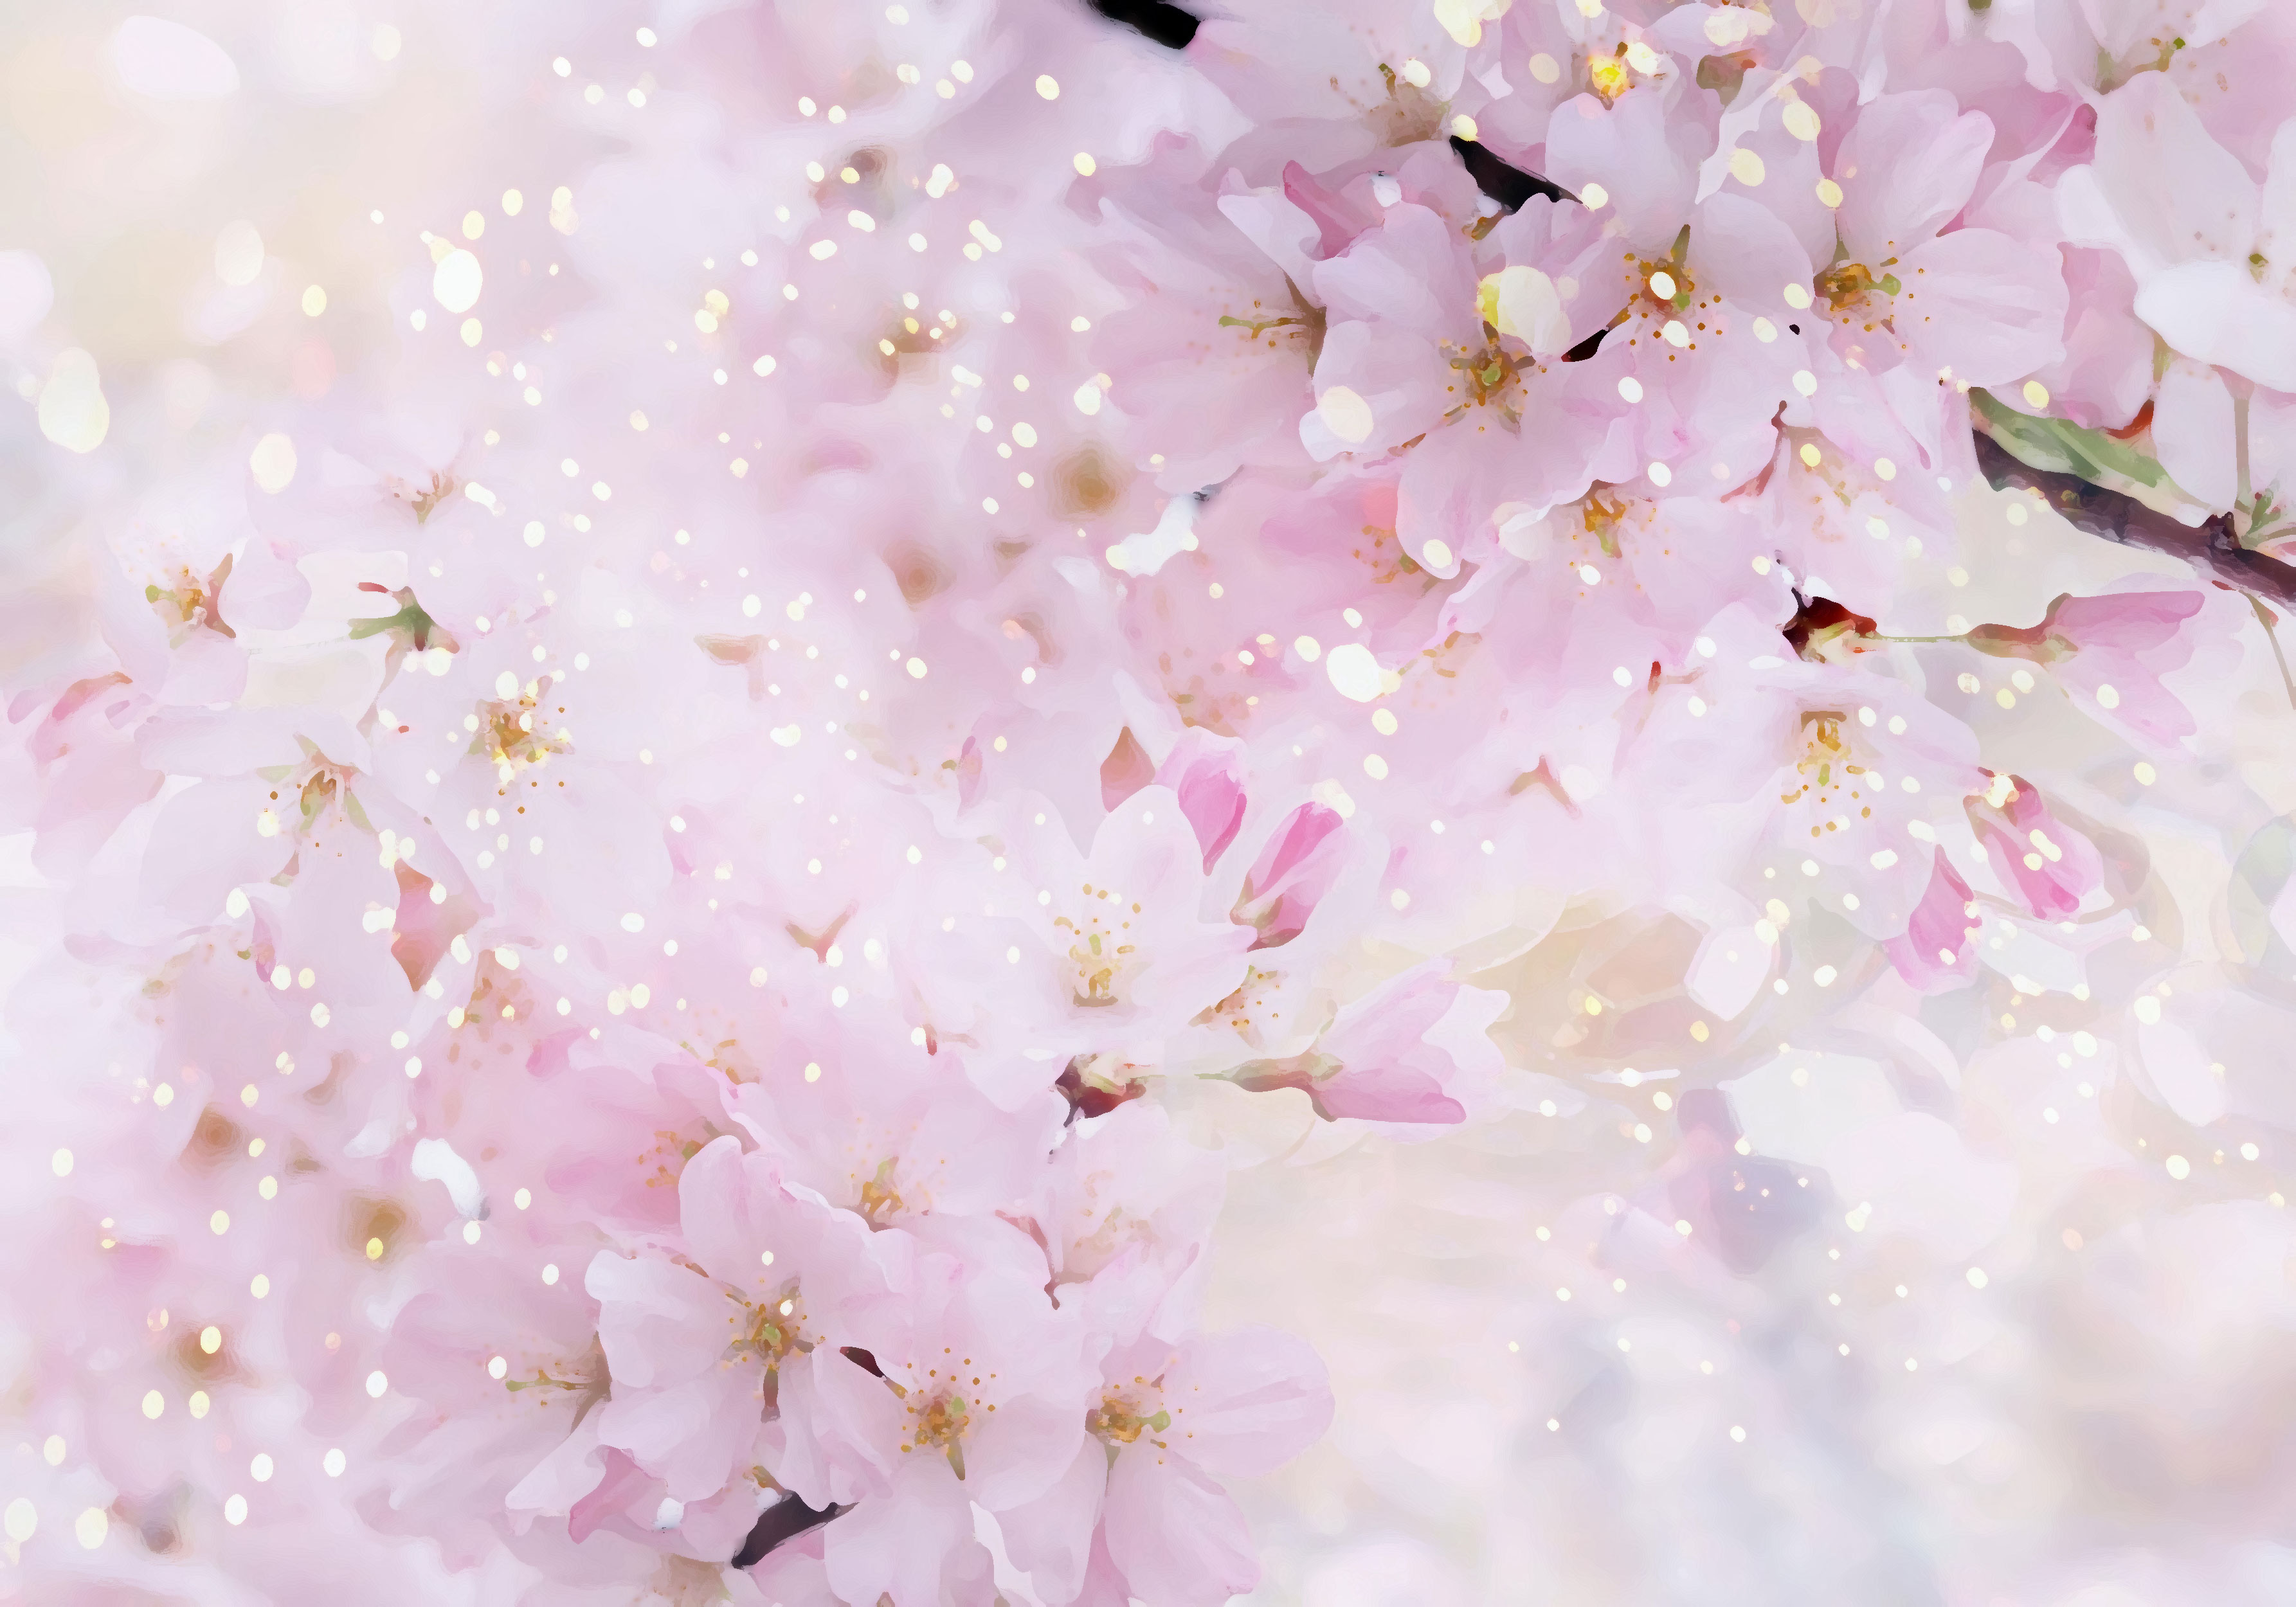 綺麗な桜」画像まとめ - naver まとめ